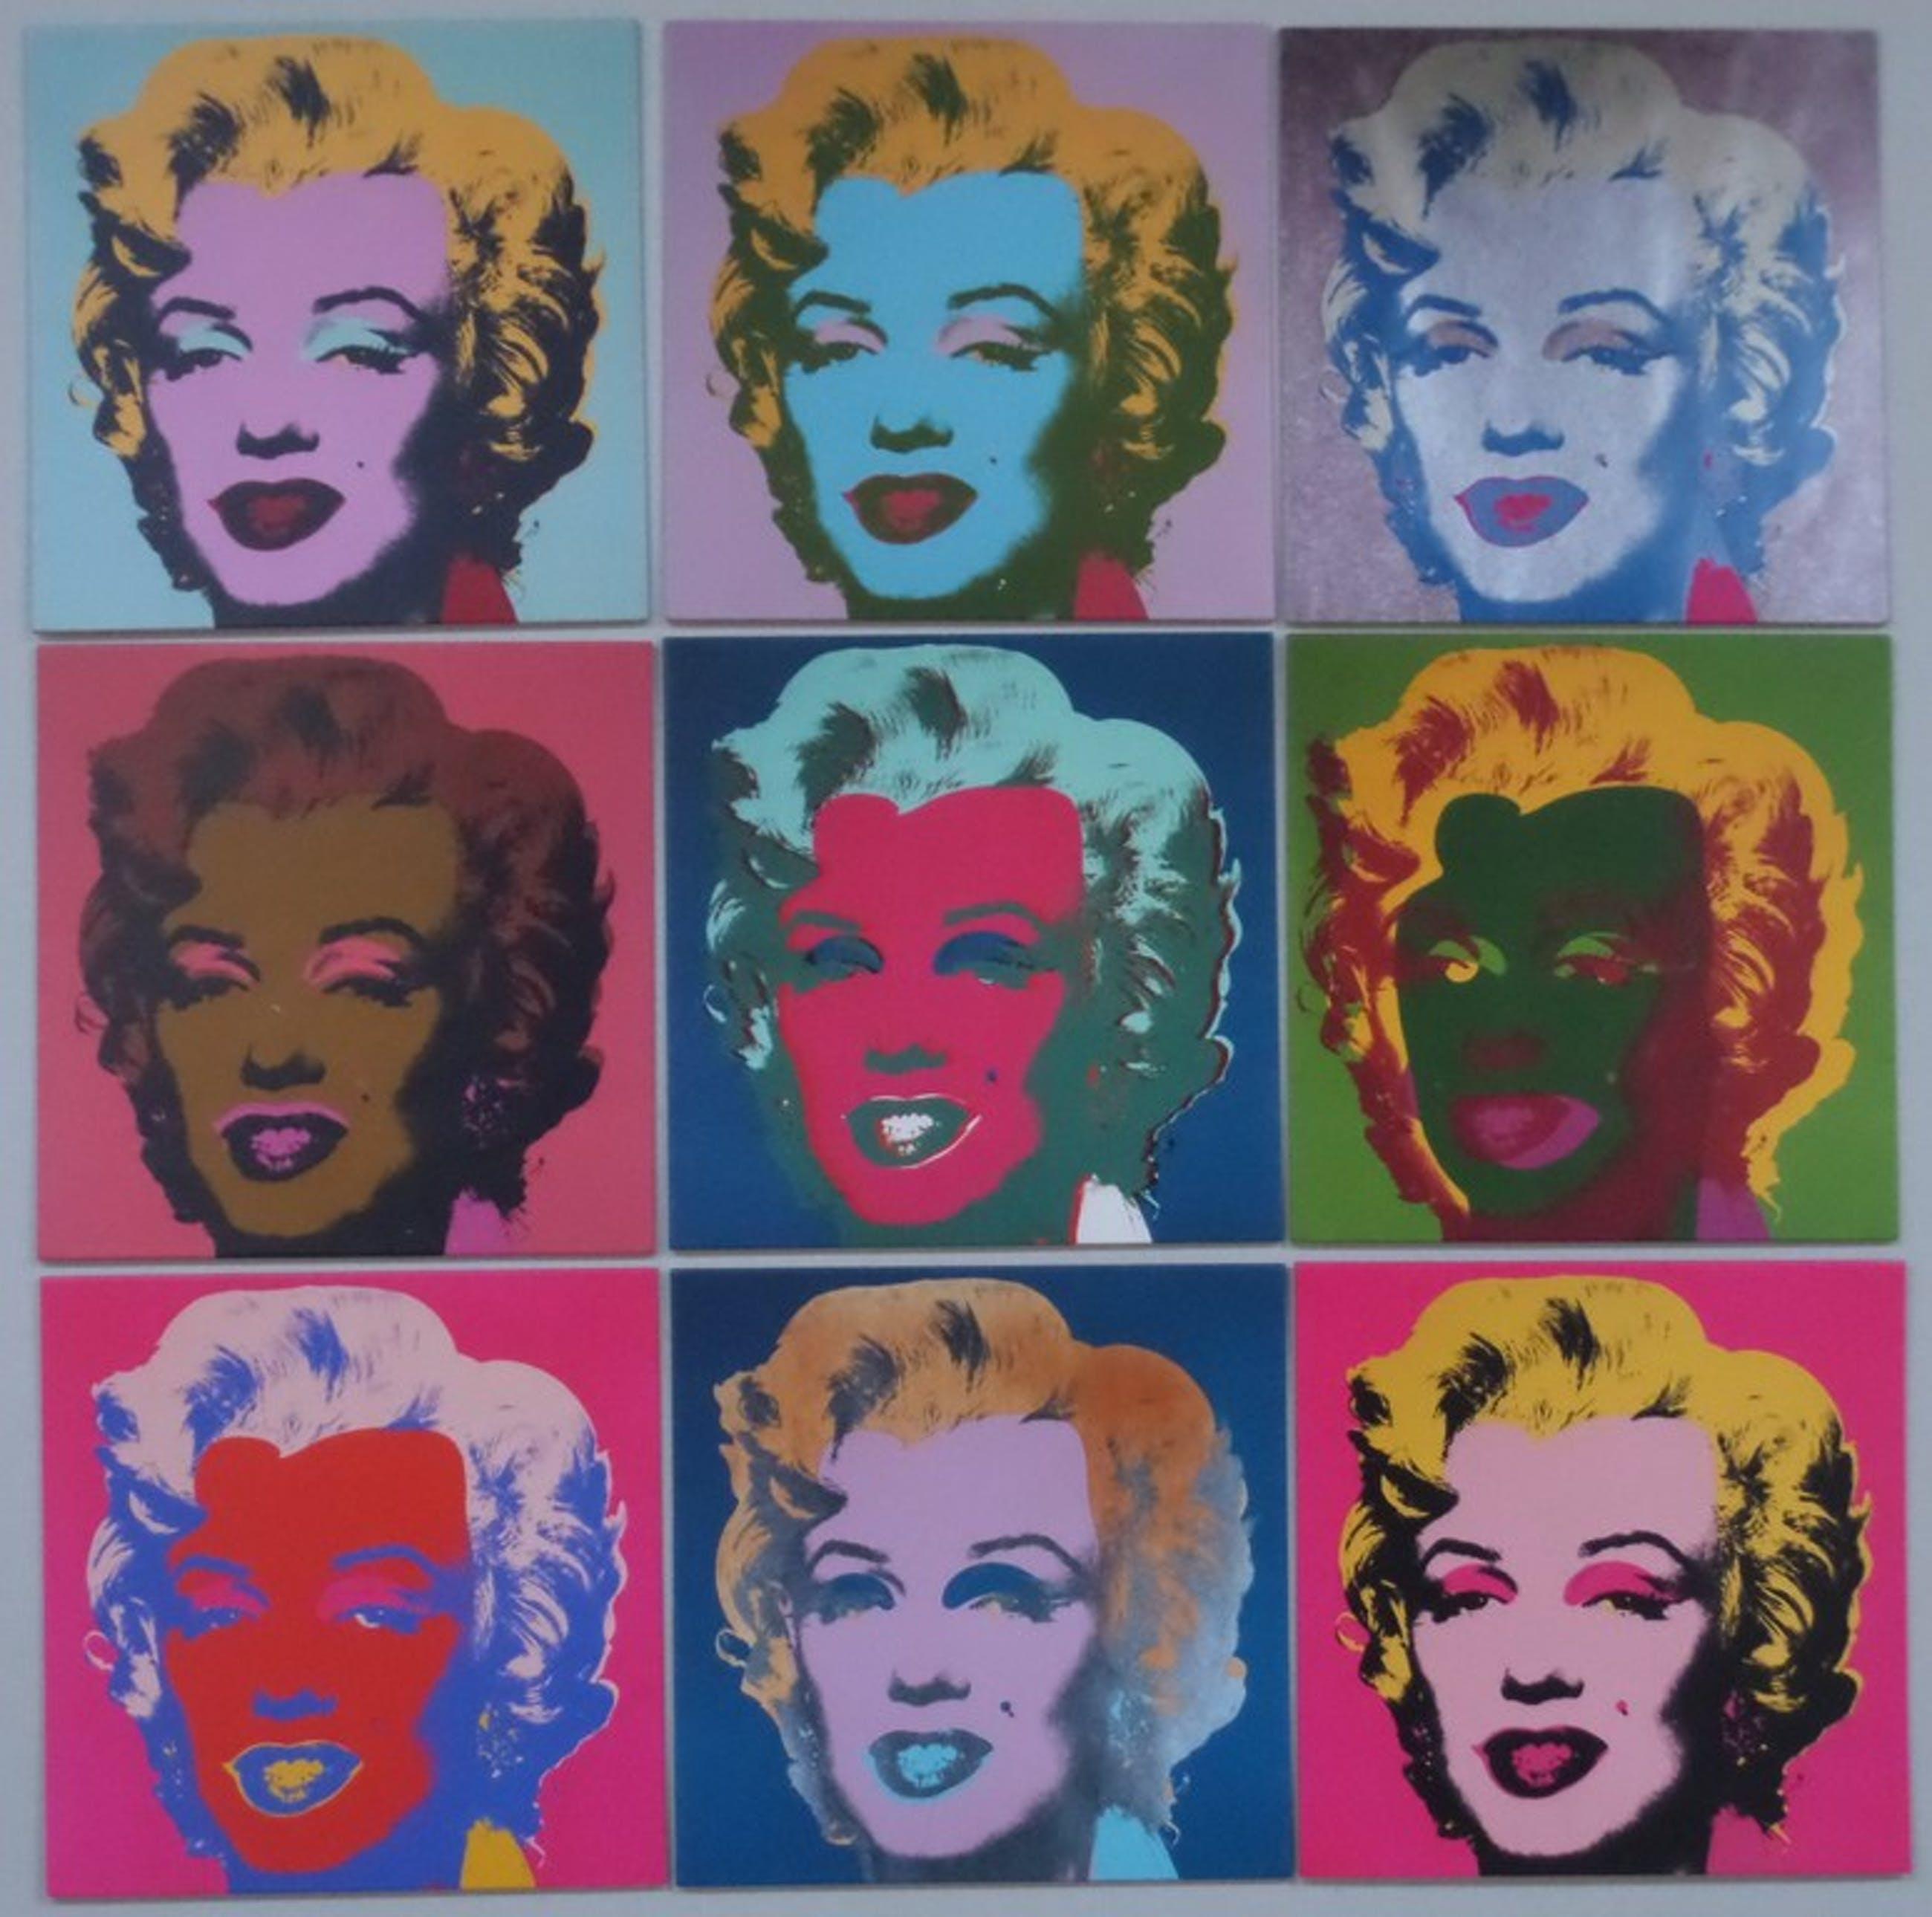 Set van 9 prints van Marilyn Monroe op board in box - The Andy Warhol Foundation kopen? Bied vanaf 149!